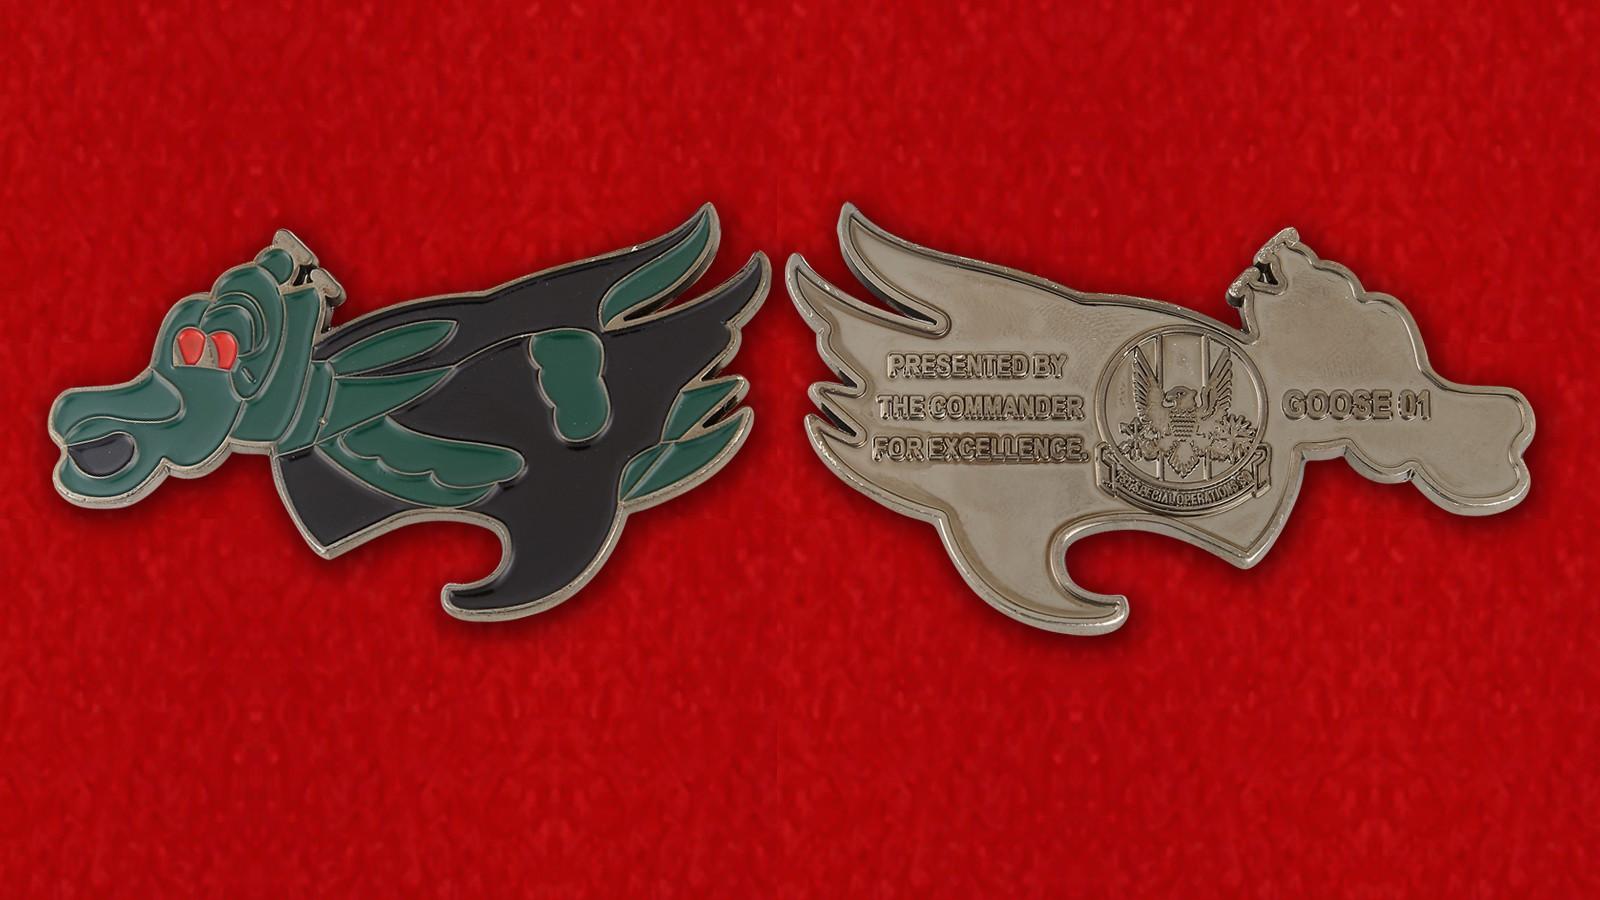 Челлендж коин 1-й эскадрильи обеспечения войск специального назначения командования спецопераций ВВС США